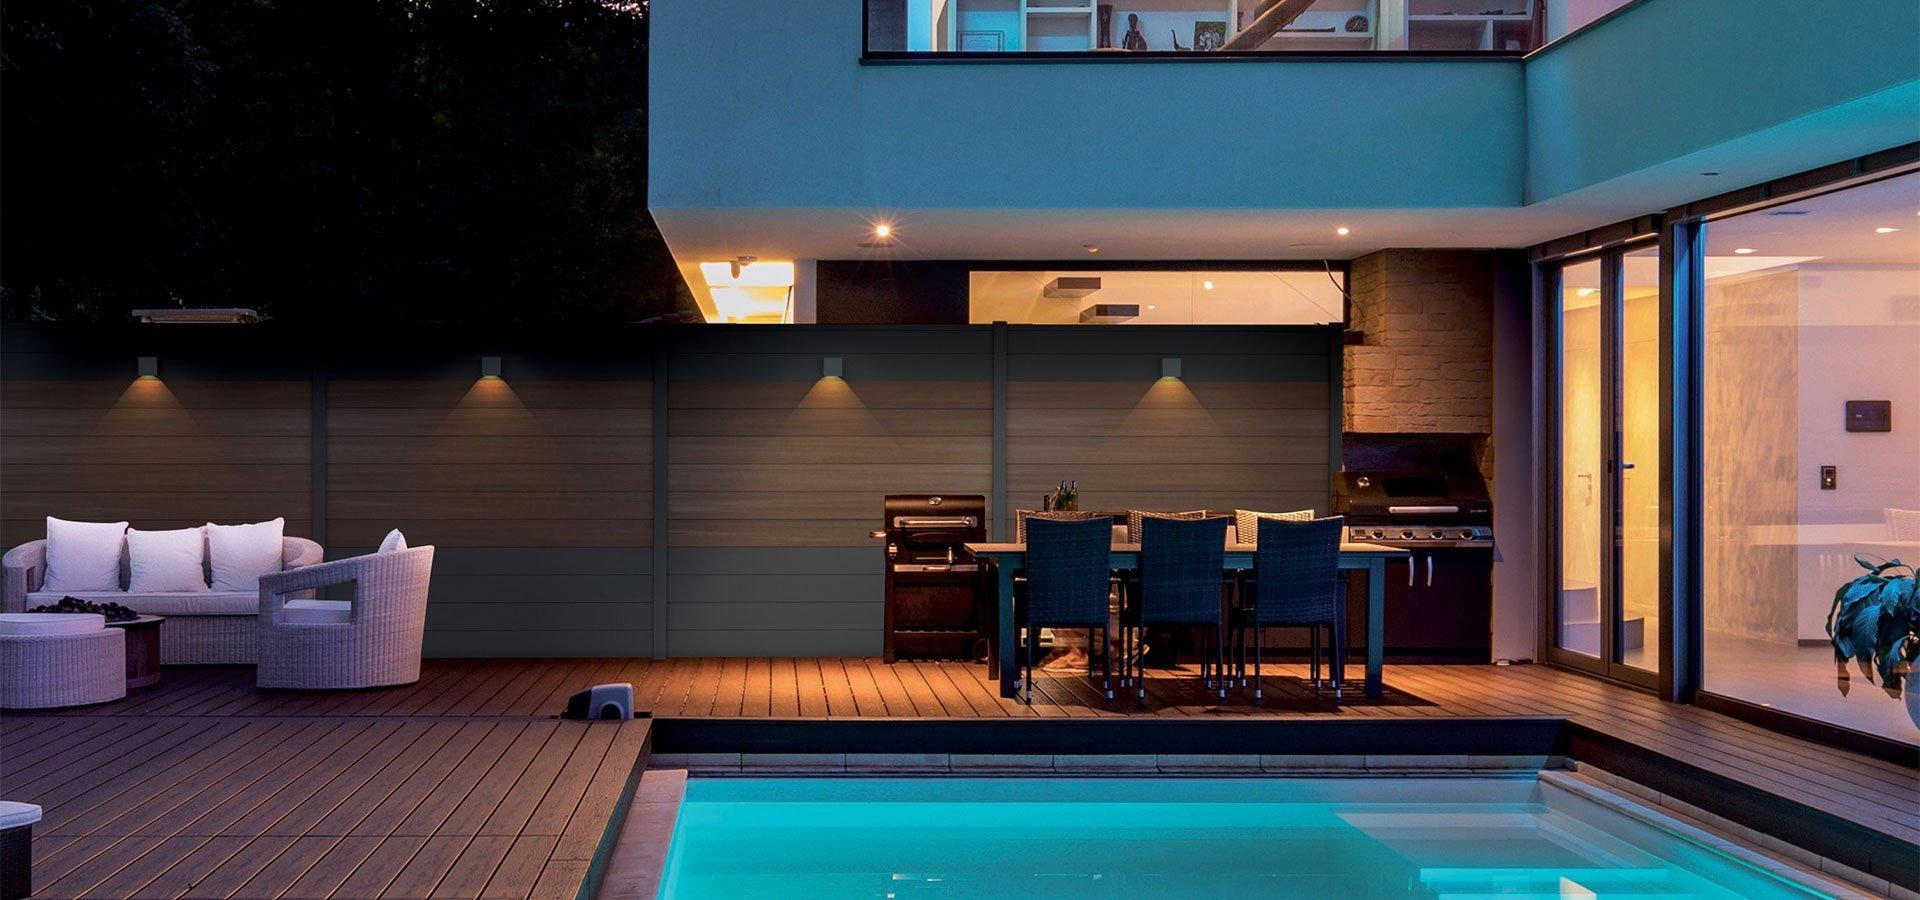 fiberdeck d voile boston un nouveau concept de cl ture. Black Bedroom Furniture Sets. Home Design Ideas